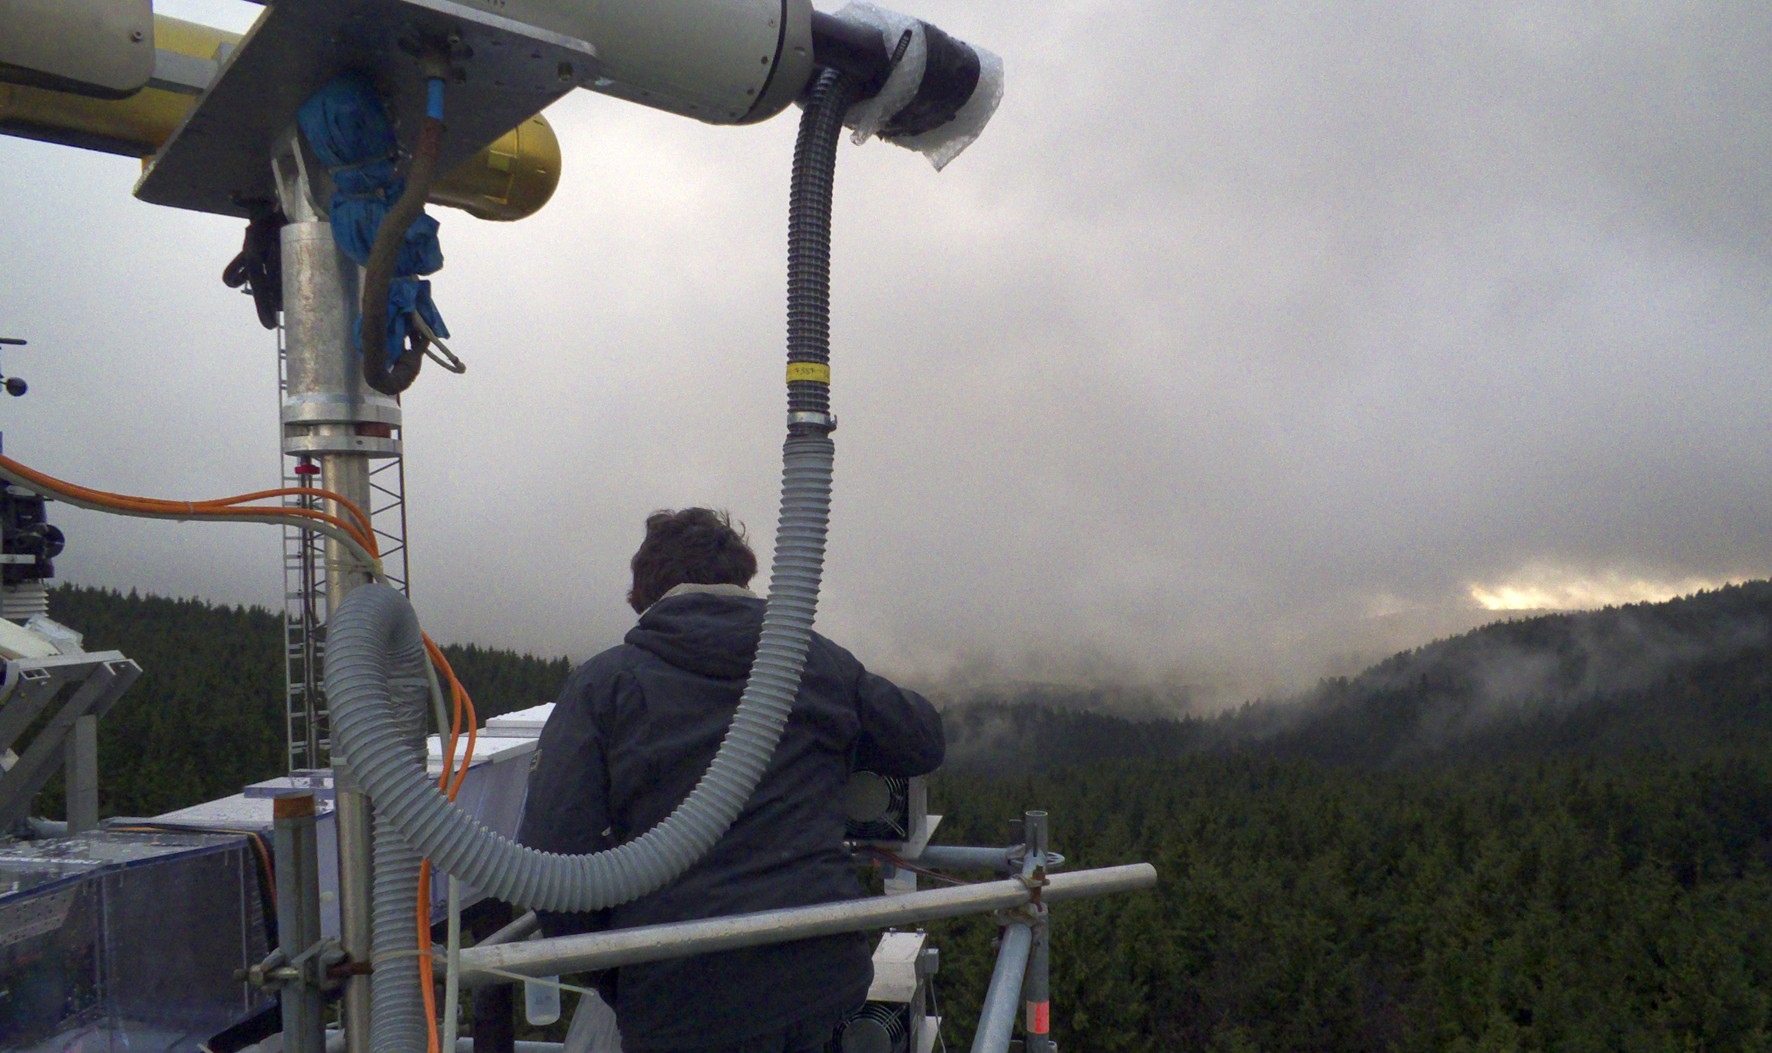 Die Messkampagne HCCT auf der Schmücke  ist ein Thema bei den Vorträgen zur Atmosphärenforschung auf der ICCE 2015. Foto Stefan Mertes/ TROPOS